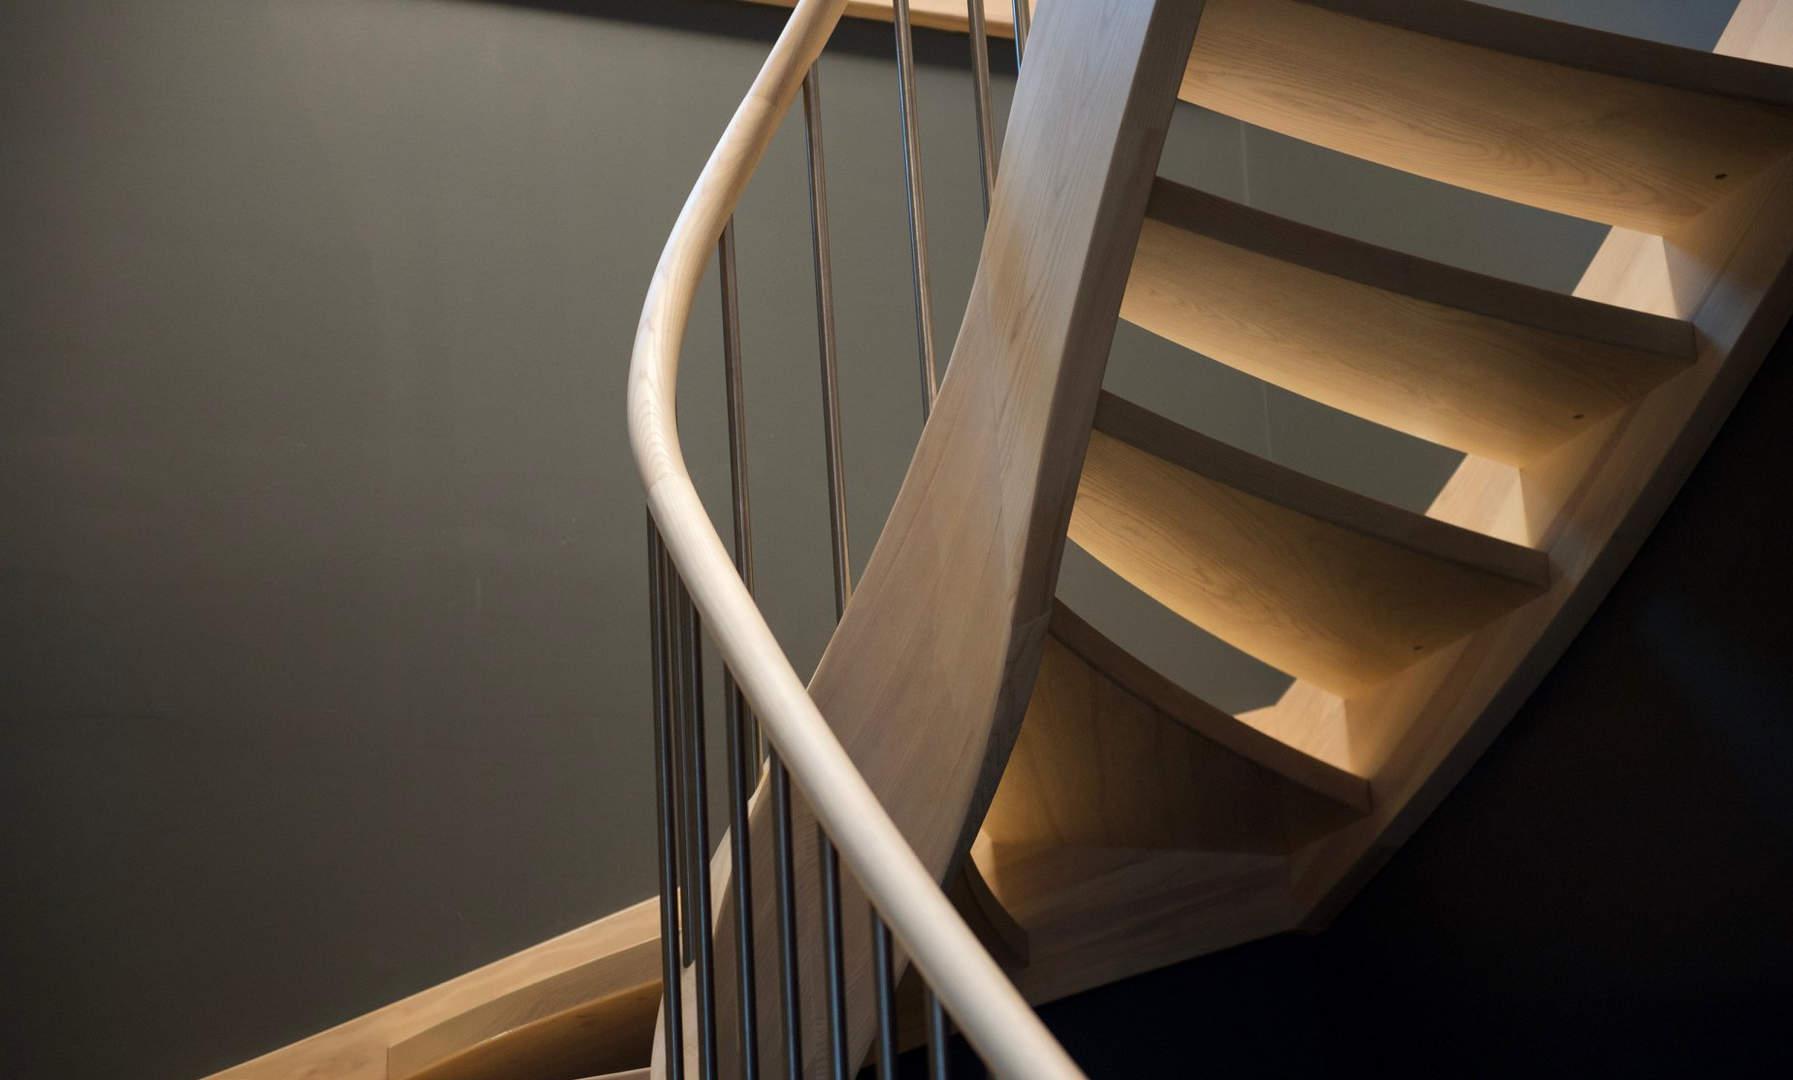 Escalier de frêne blanc blanchi et led intégrées